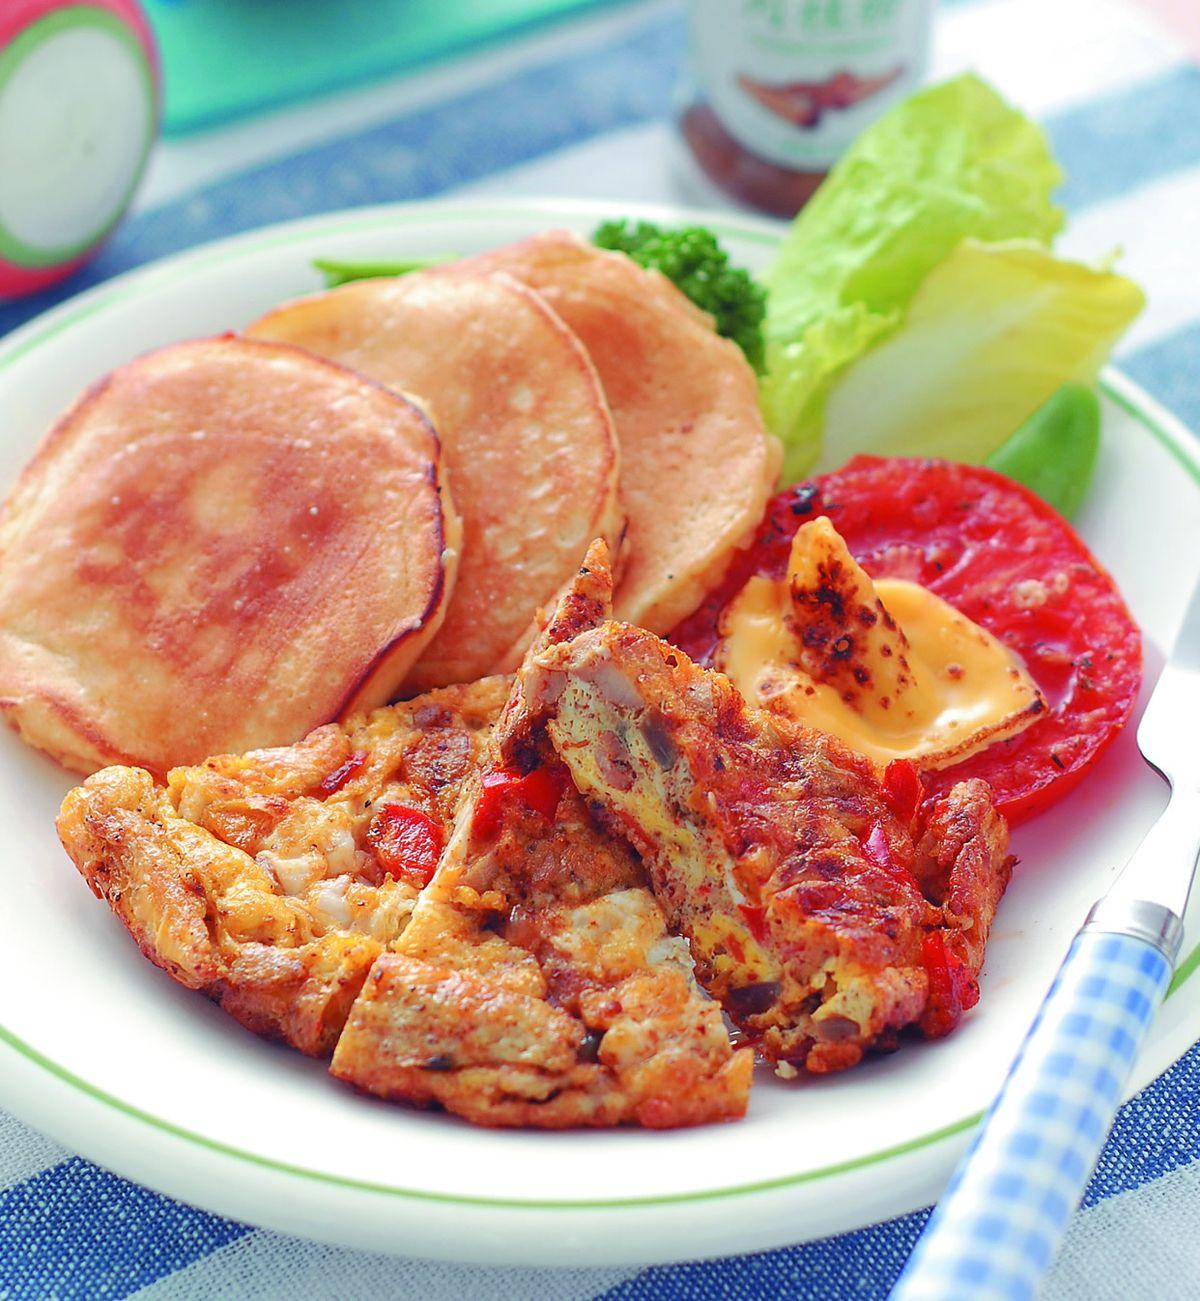 食譜:匈牙利蔬菜烘蛋